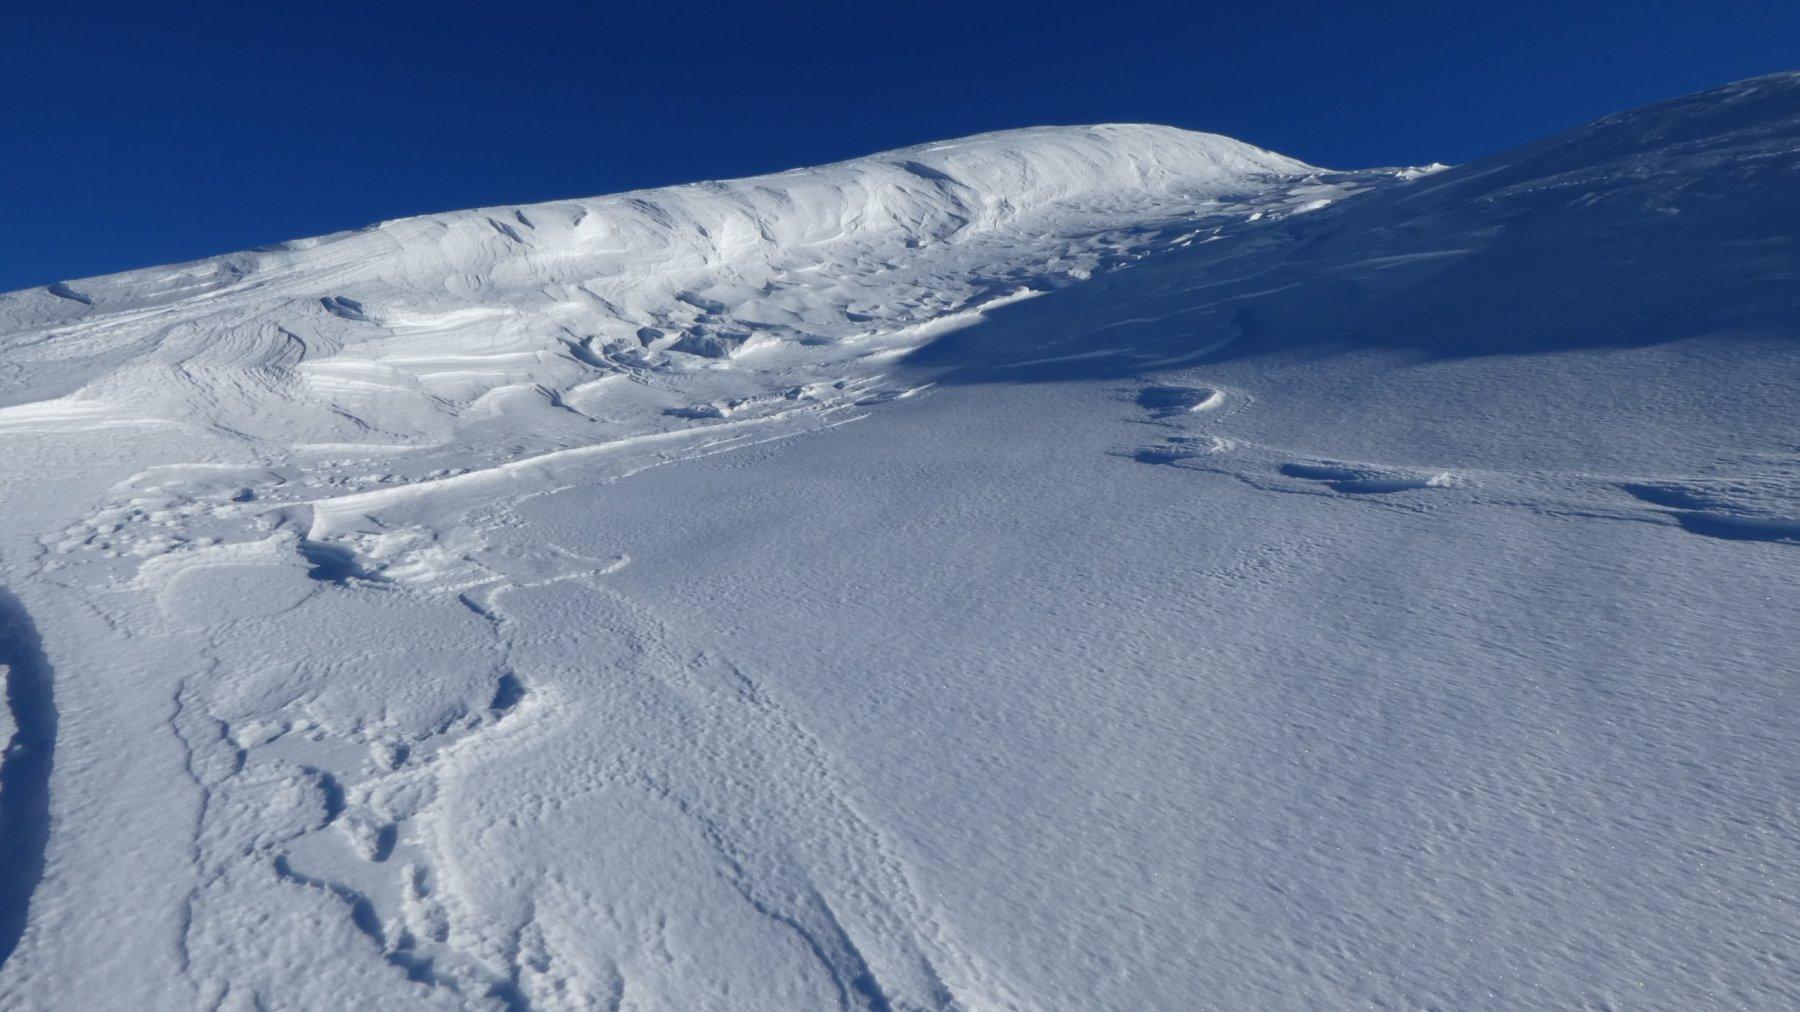 il pendio-rampa finale che porta verso la cima del Morefreddo